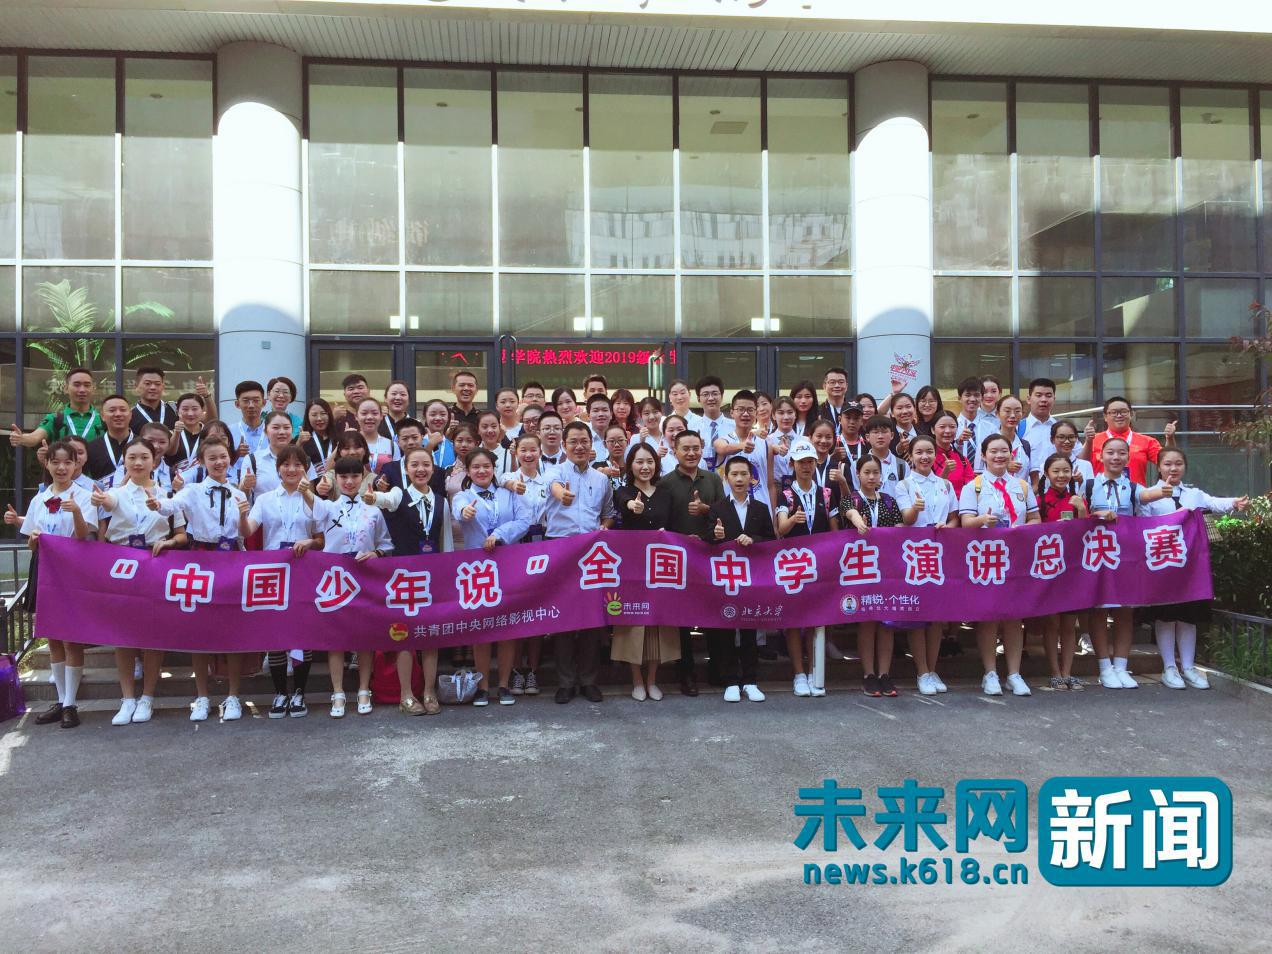 http://www.jiaokaotong.cn/zhongxiaoxue/186958.html